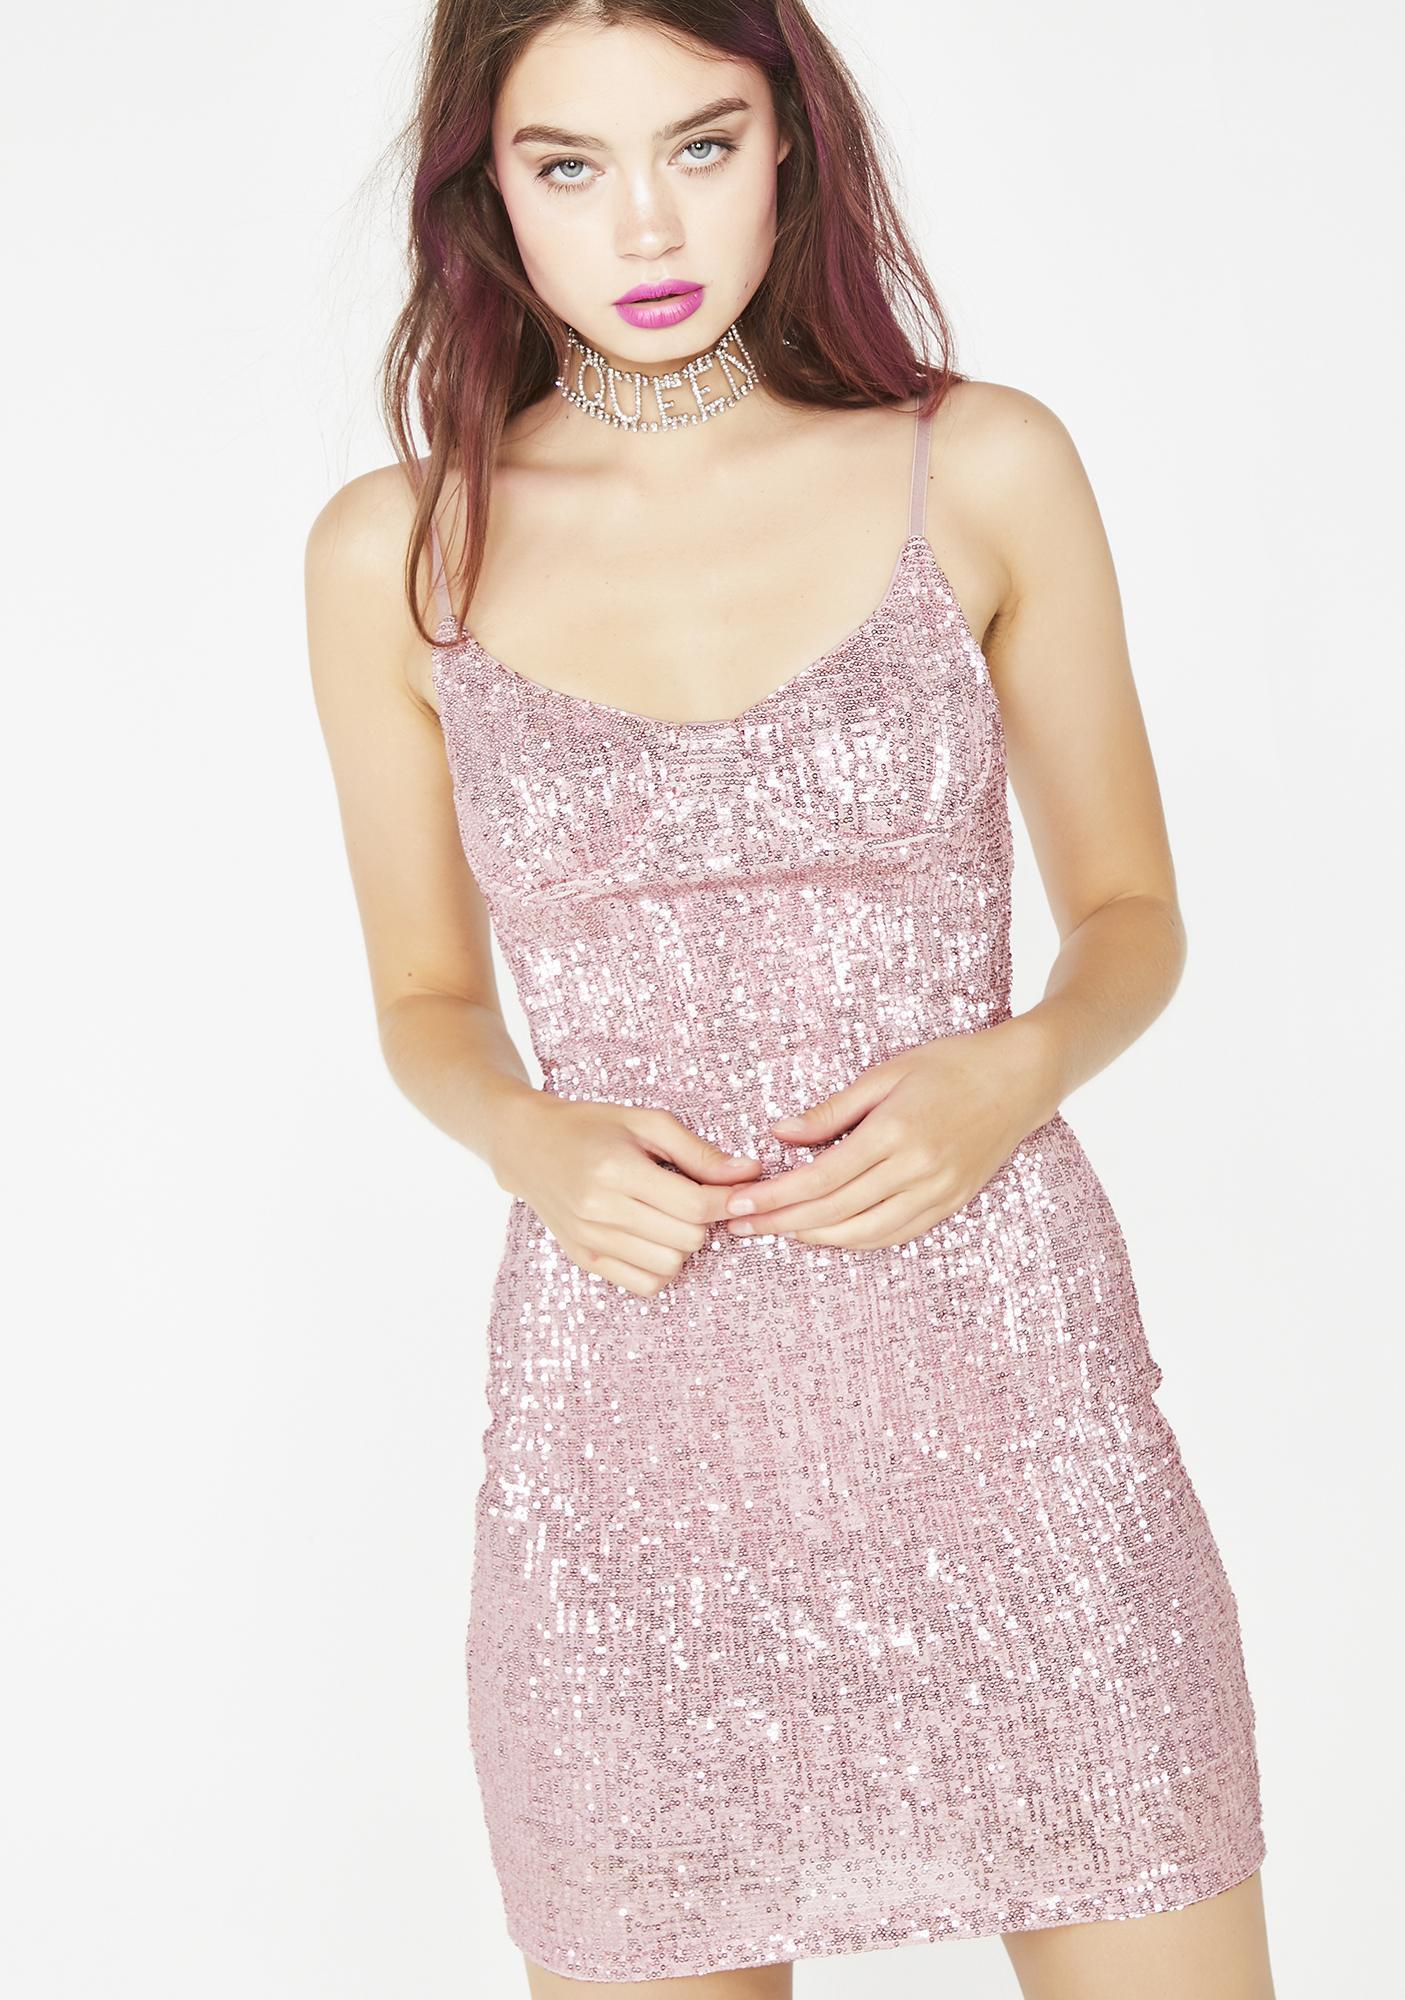 Miss High Beamz Bustier Dress